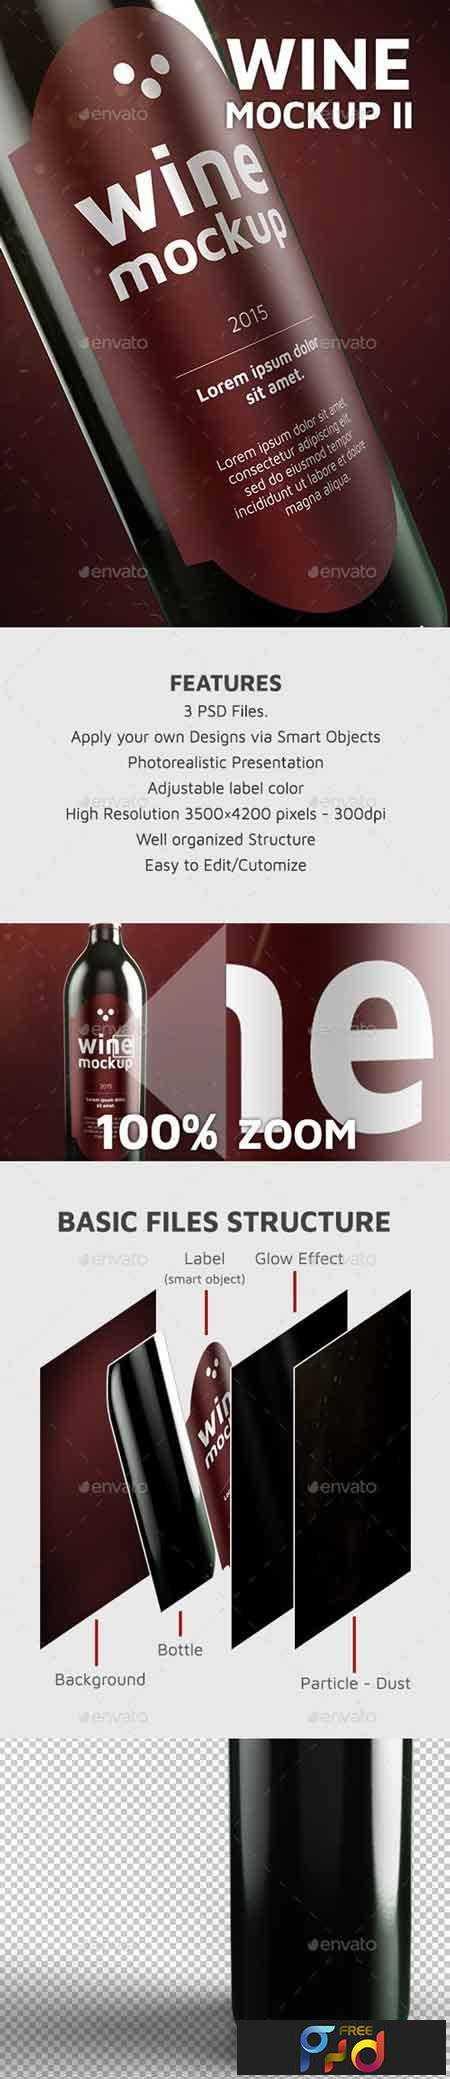 1708116 Wine Mock-up II 20992937 1